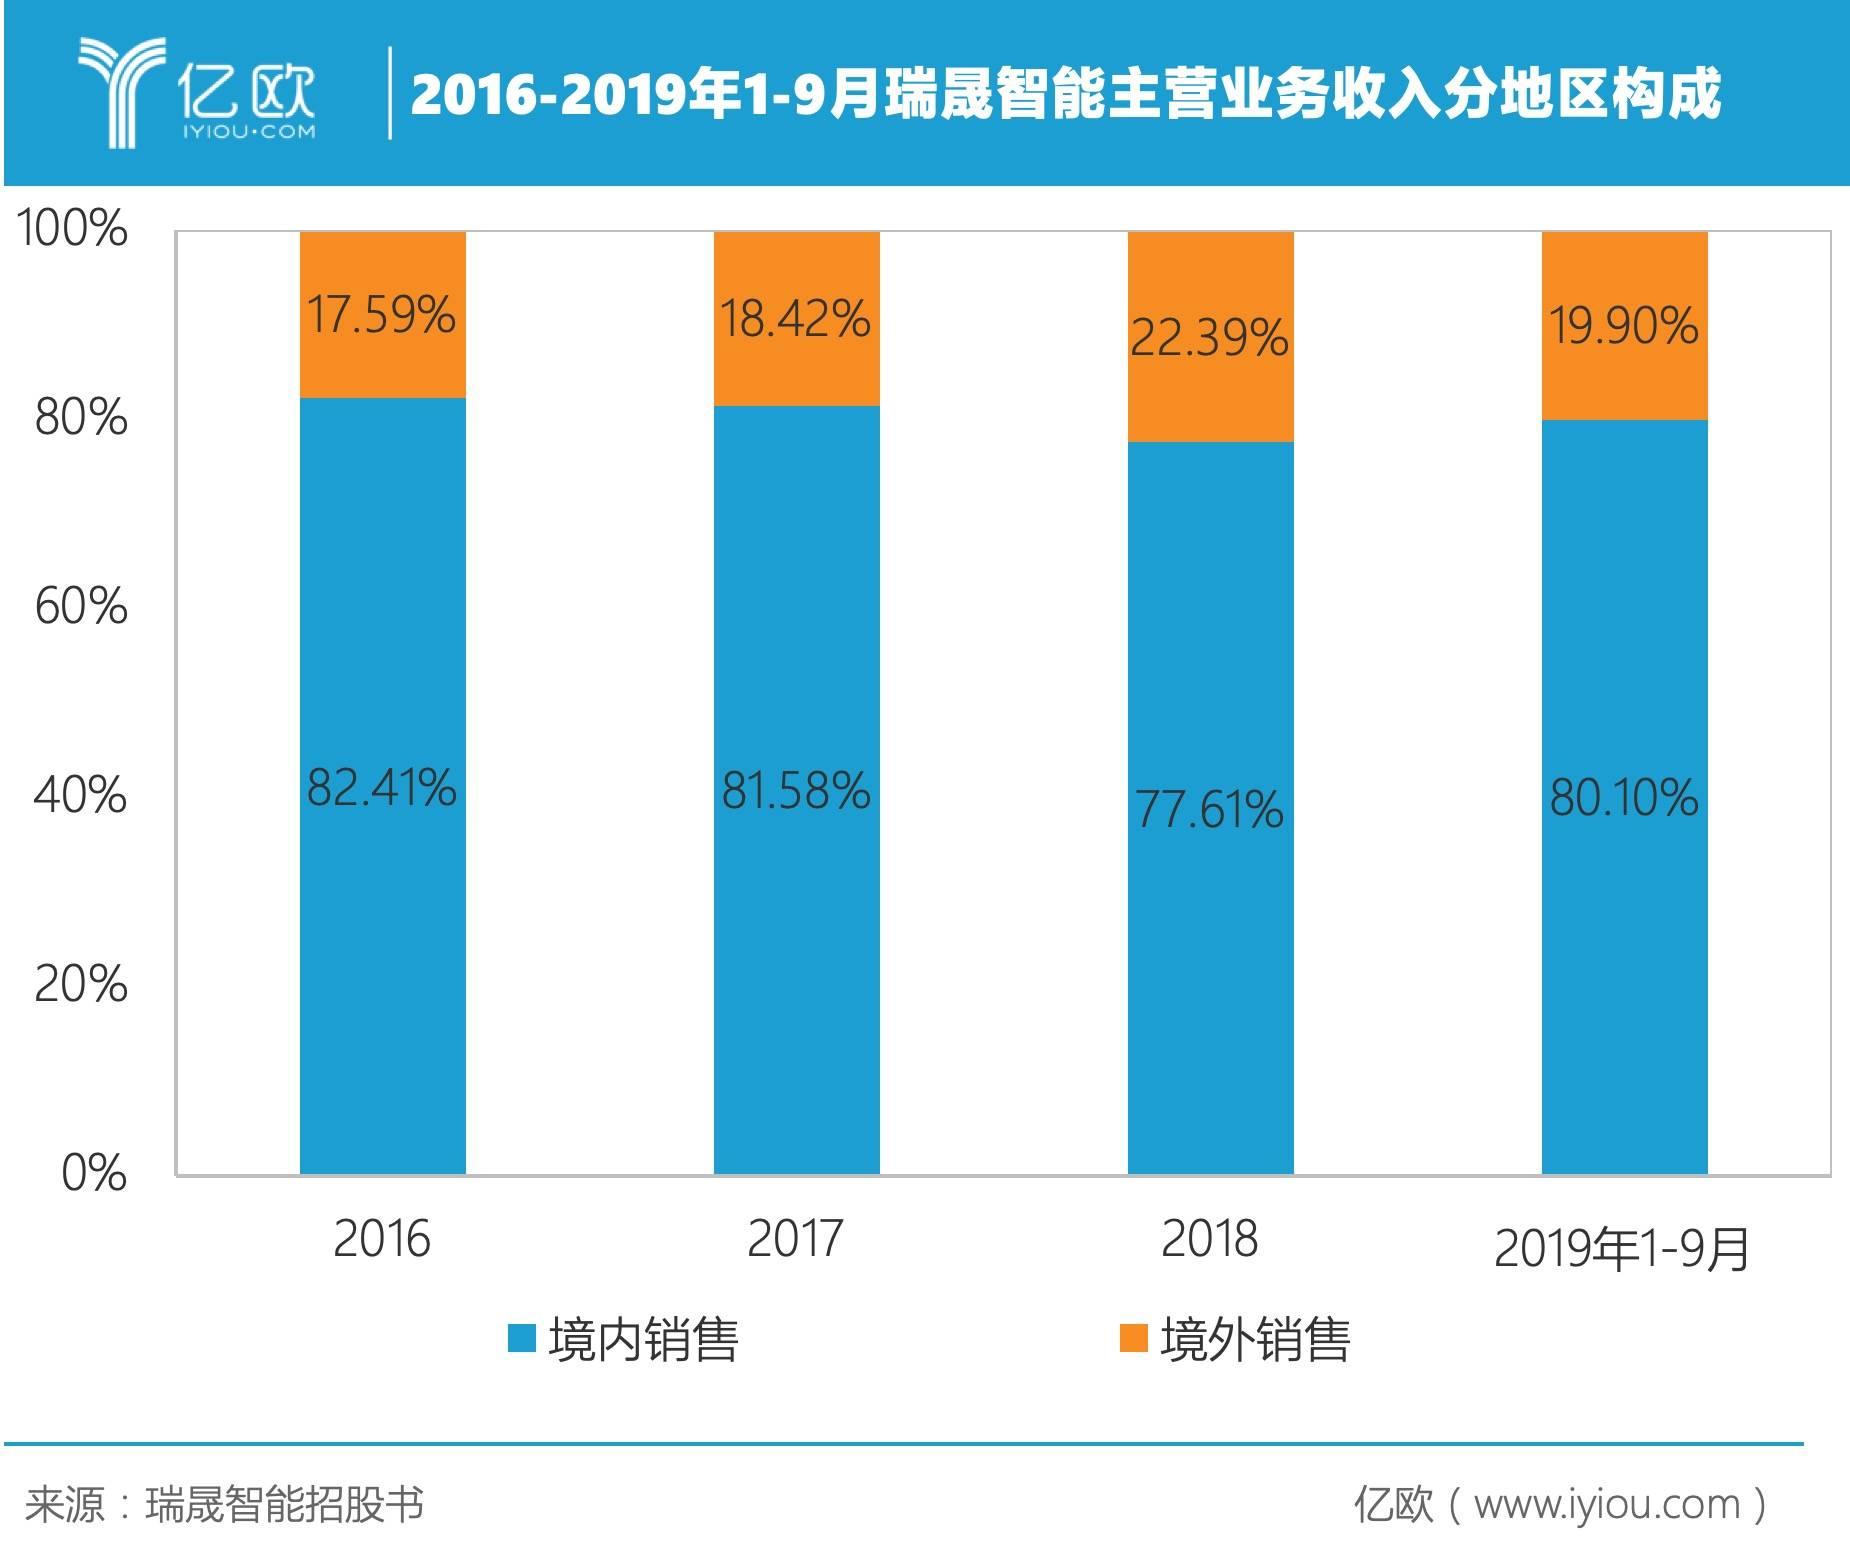 2016-2019年1-9月瑞晟智能主营业务收入分地区构成.jpeg